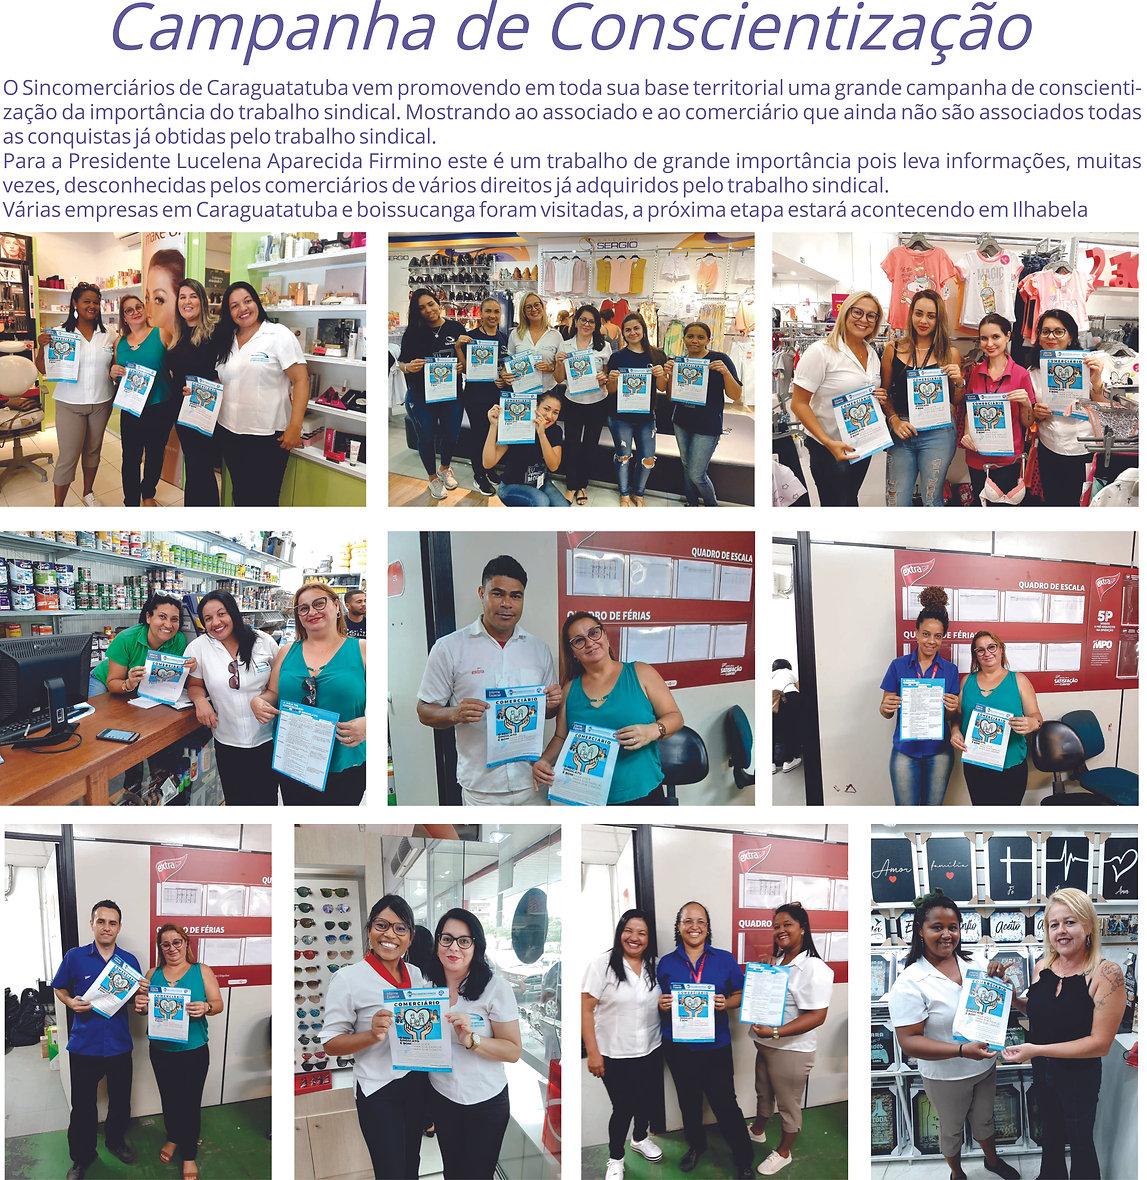 Campanha_de_Concientização_2020.jpg